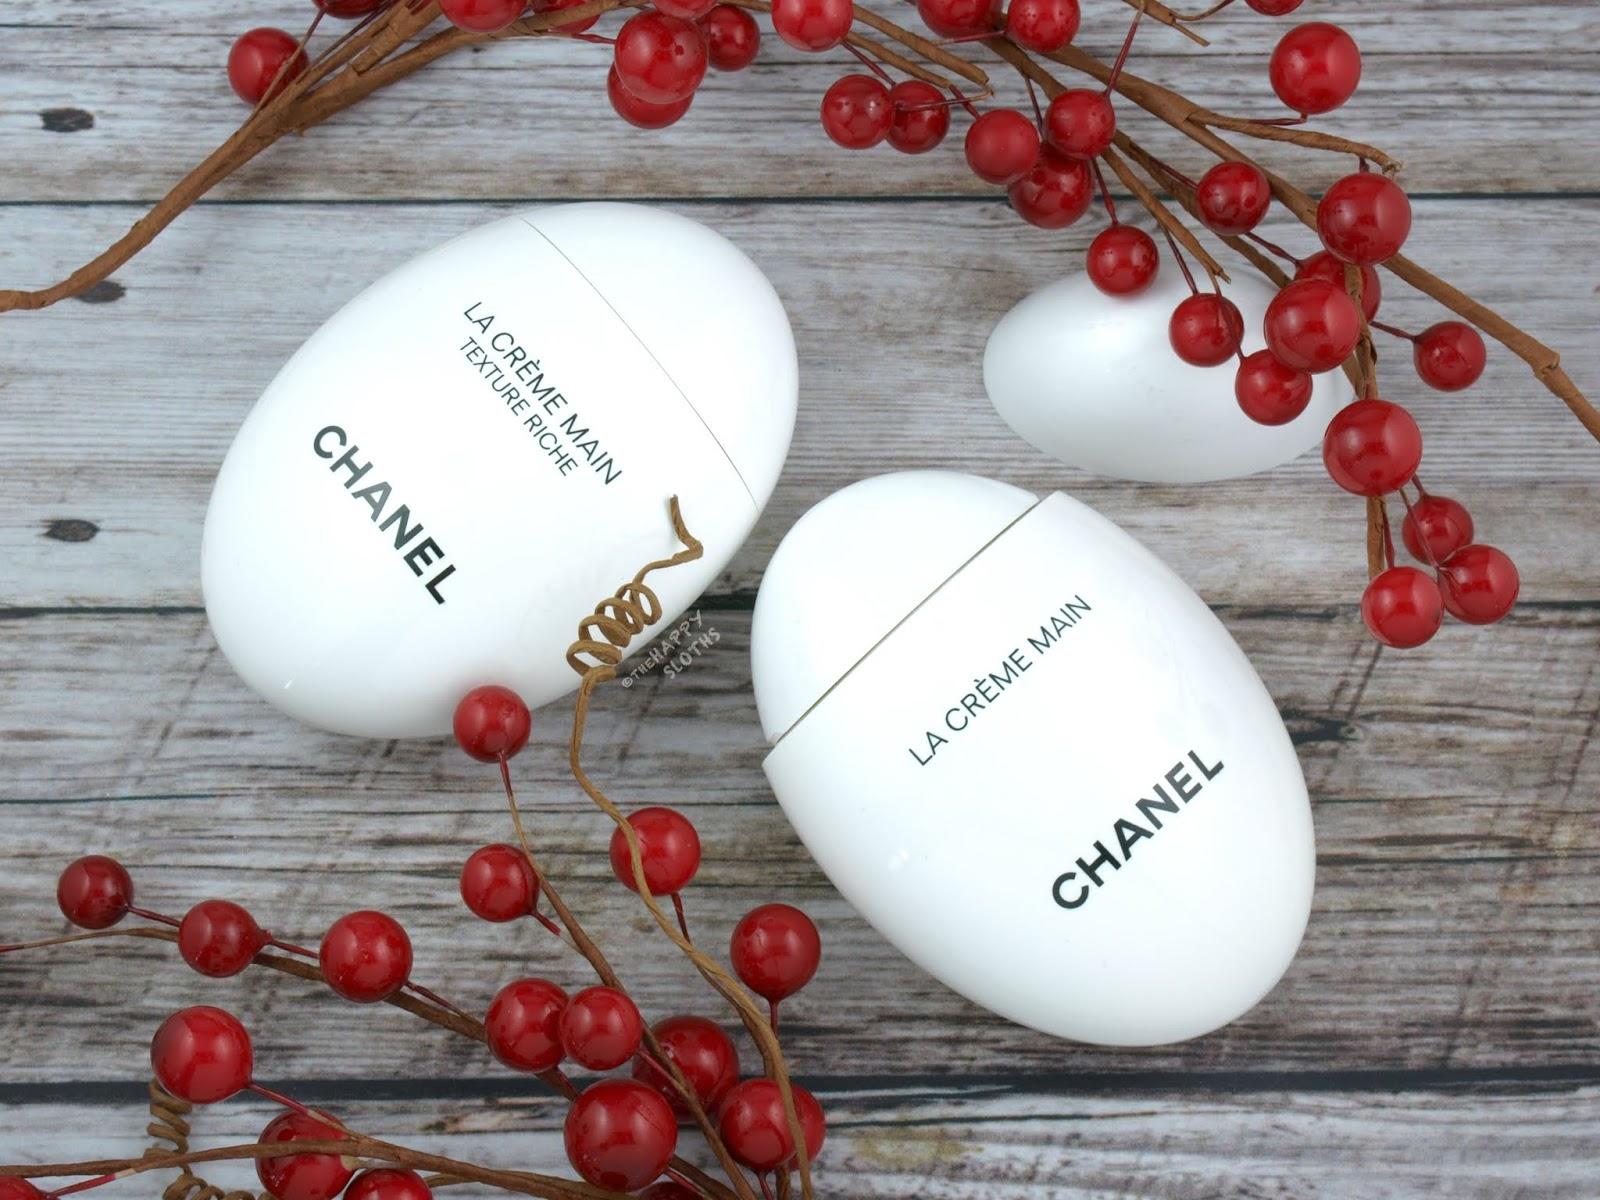 Chanel | Le Crème Main & Le Crème Main Texture Riche: Review